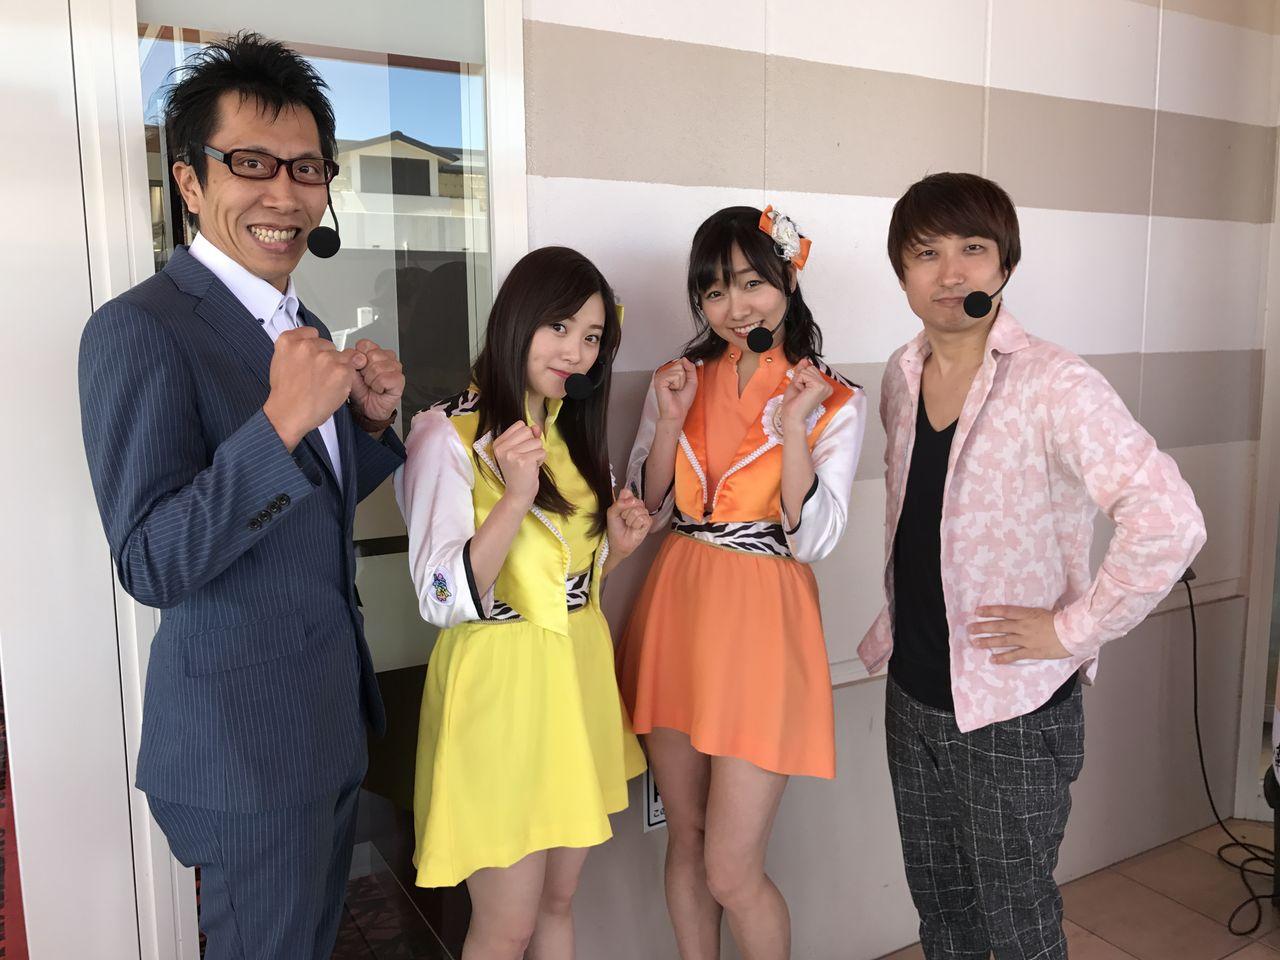 【AKB48】明日のANNもまた荻野由佳、松井珠理奈、指原莉乃、渡辺麻友、横山由依、秋元康【オールナイトニッポン】